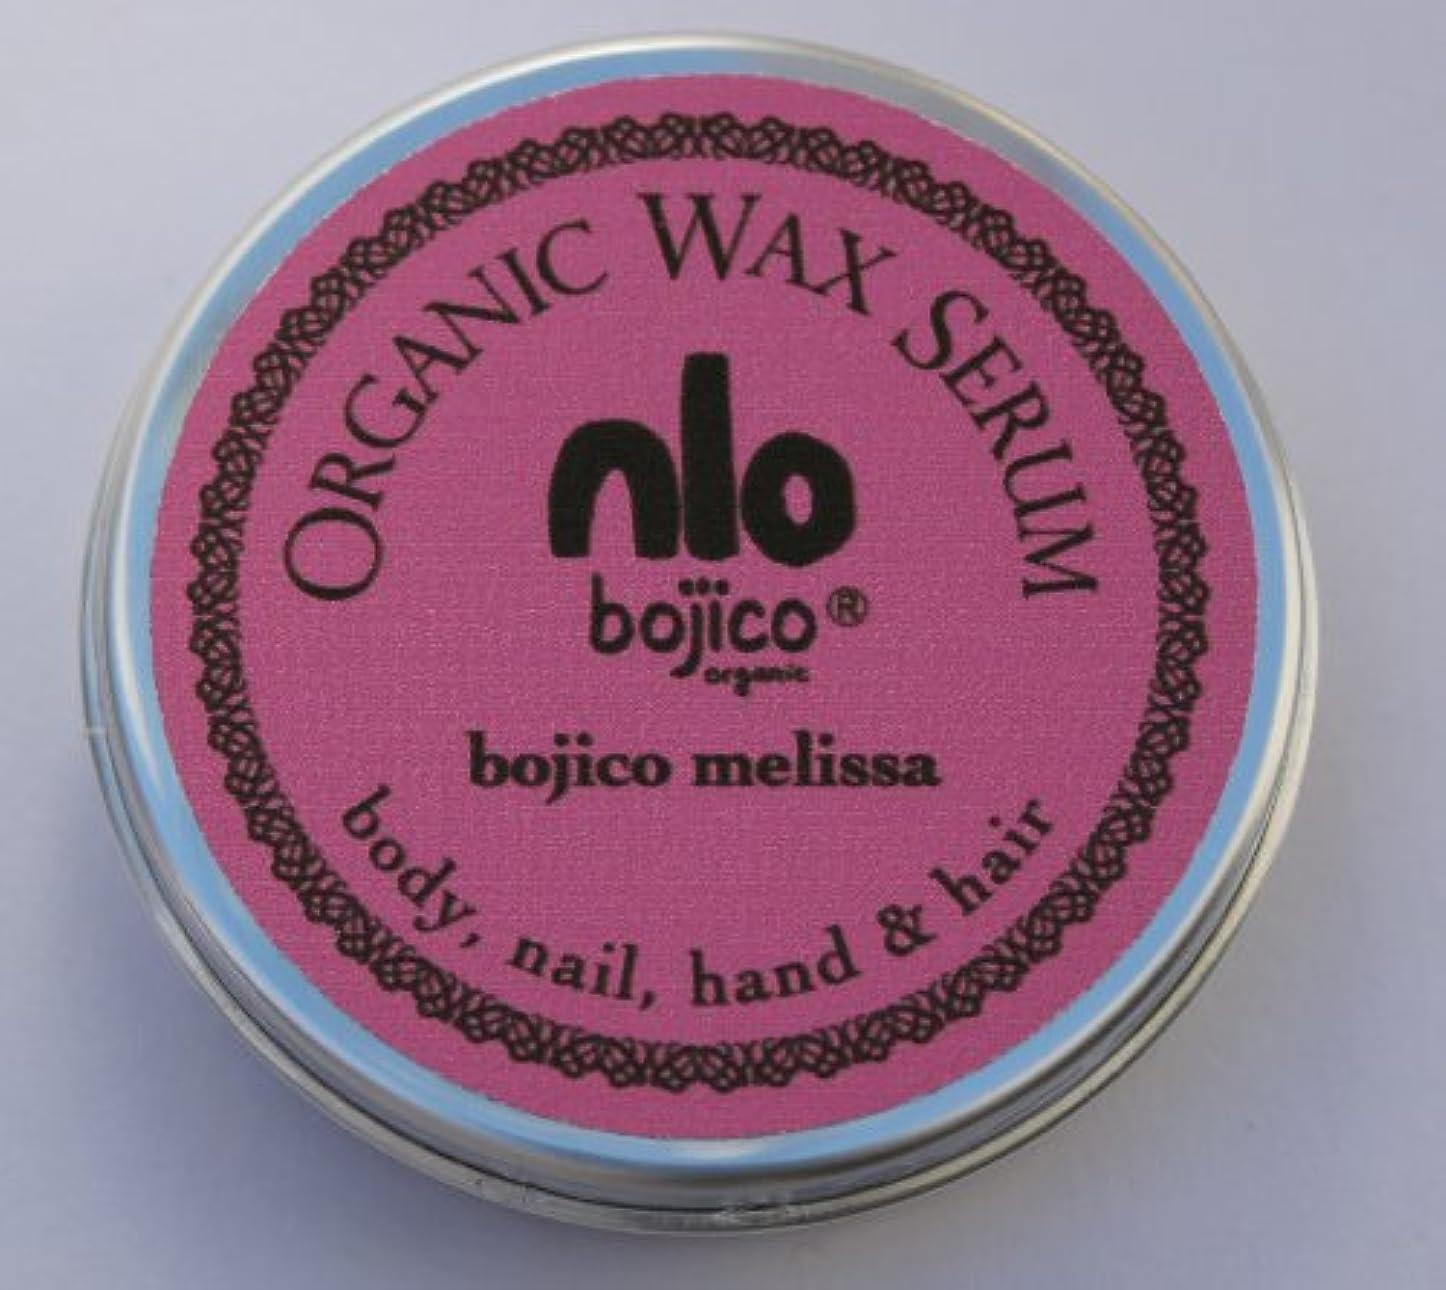 再びベテラントレッドbojico オーガニック ワックス セラム<メリッサ> Organic Wax Serum 18g